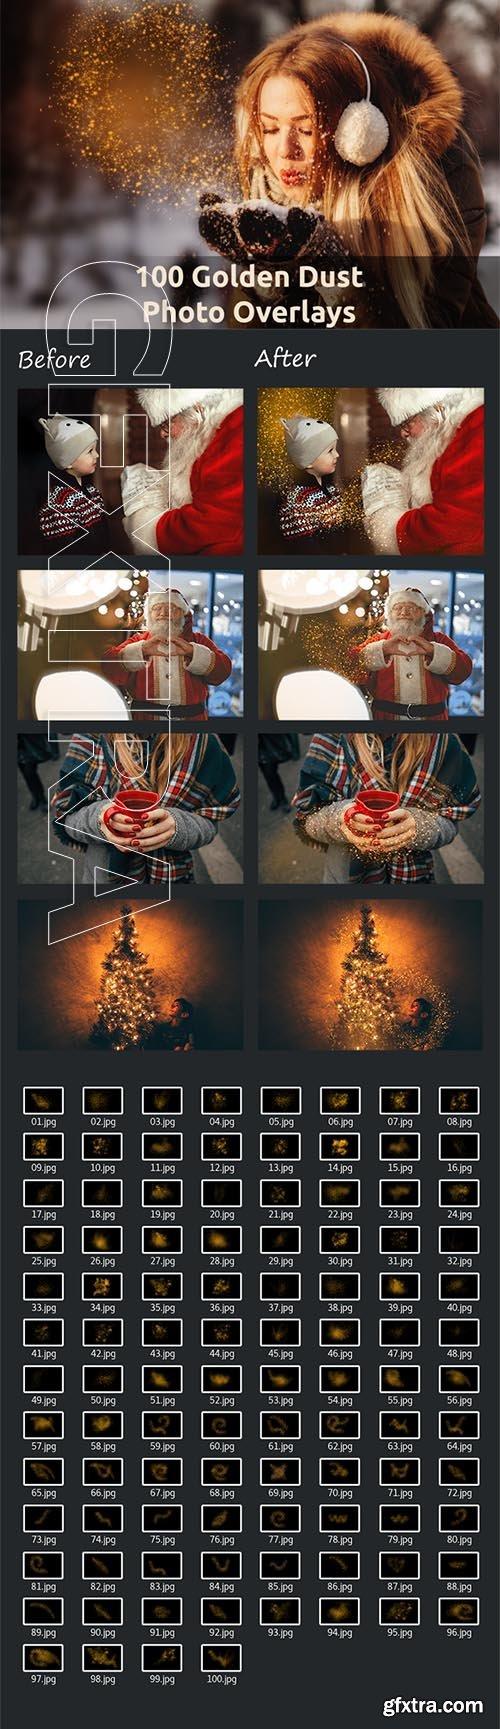 100 Golden Dust Photo Overlays